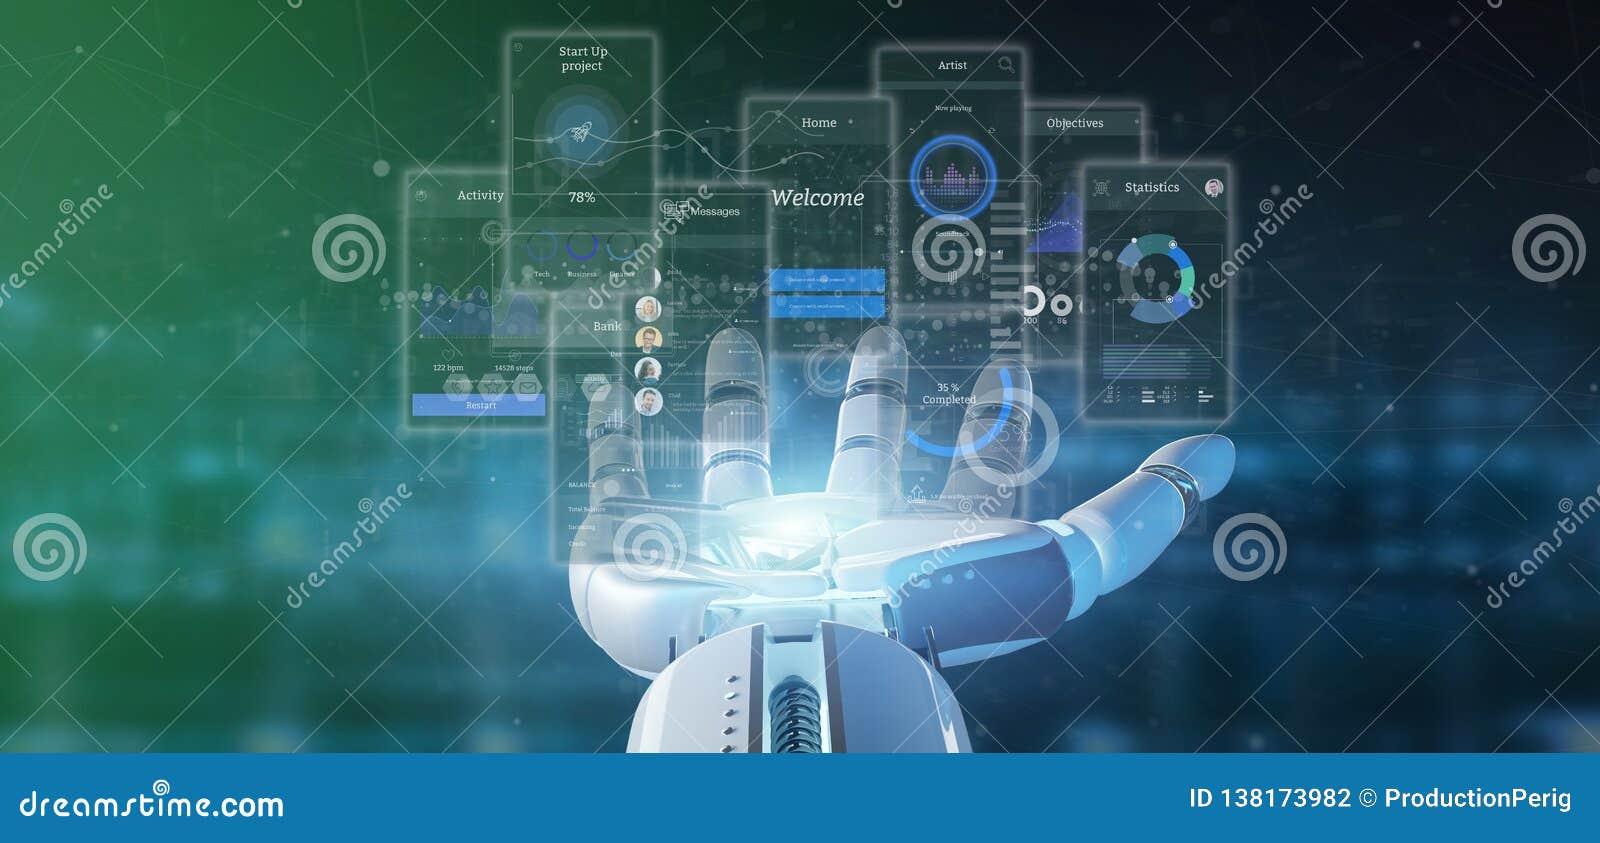 靠机械装置维持生命的人手藏品有象、stats和数据3d翻译的用户界面屏幕